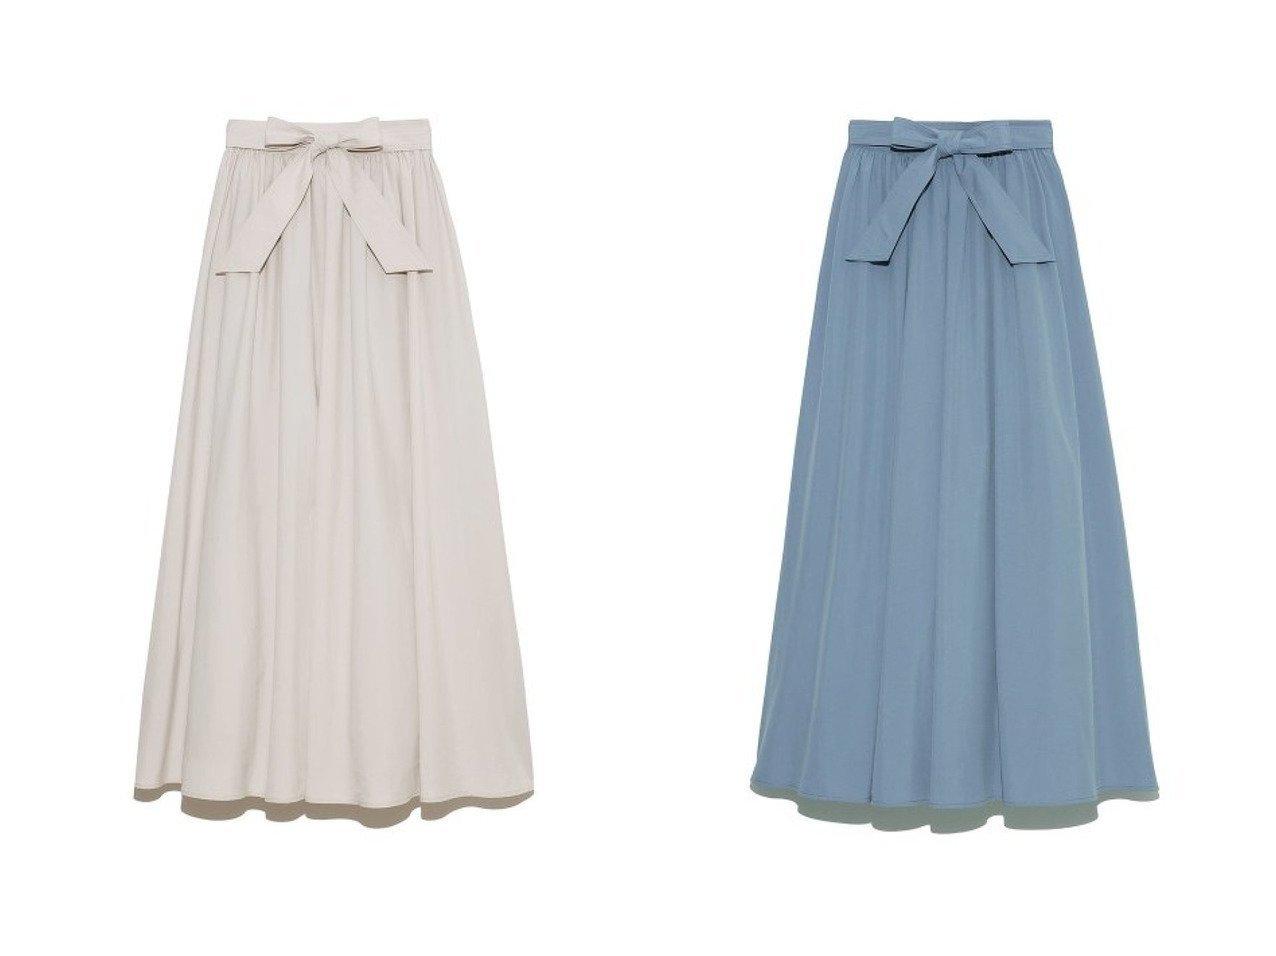 【Lily Brown/リリーブラウン】のソフトタフタボリュームスカート リリーブラウンのおすすめ!人気、トレンド・レディースファッションの通販 おすすめで人気の流行・トレンド、ファッションの通販商品 メンズファッション・キッズファッション・インテリア・家具・レディースファッション・服の通販 founy(ファニー) https://founy.com/ ファッション Fashion レディースファッション WOMEN スカート Skirt ロングスカート Long Skirt ジャケット スニーカー タフタ ビスチェ フォーマル フレア プレーン ポケット ロング |ID:crp329100000020865